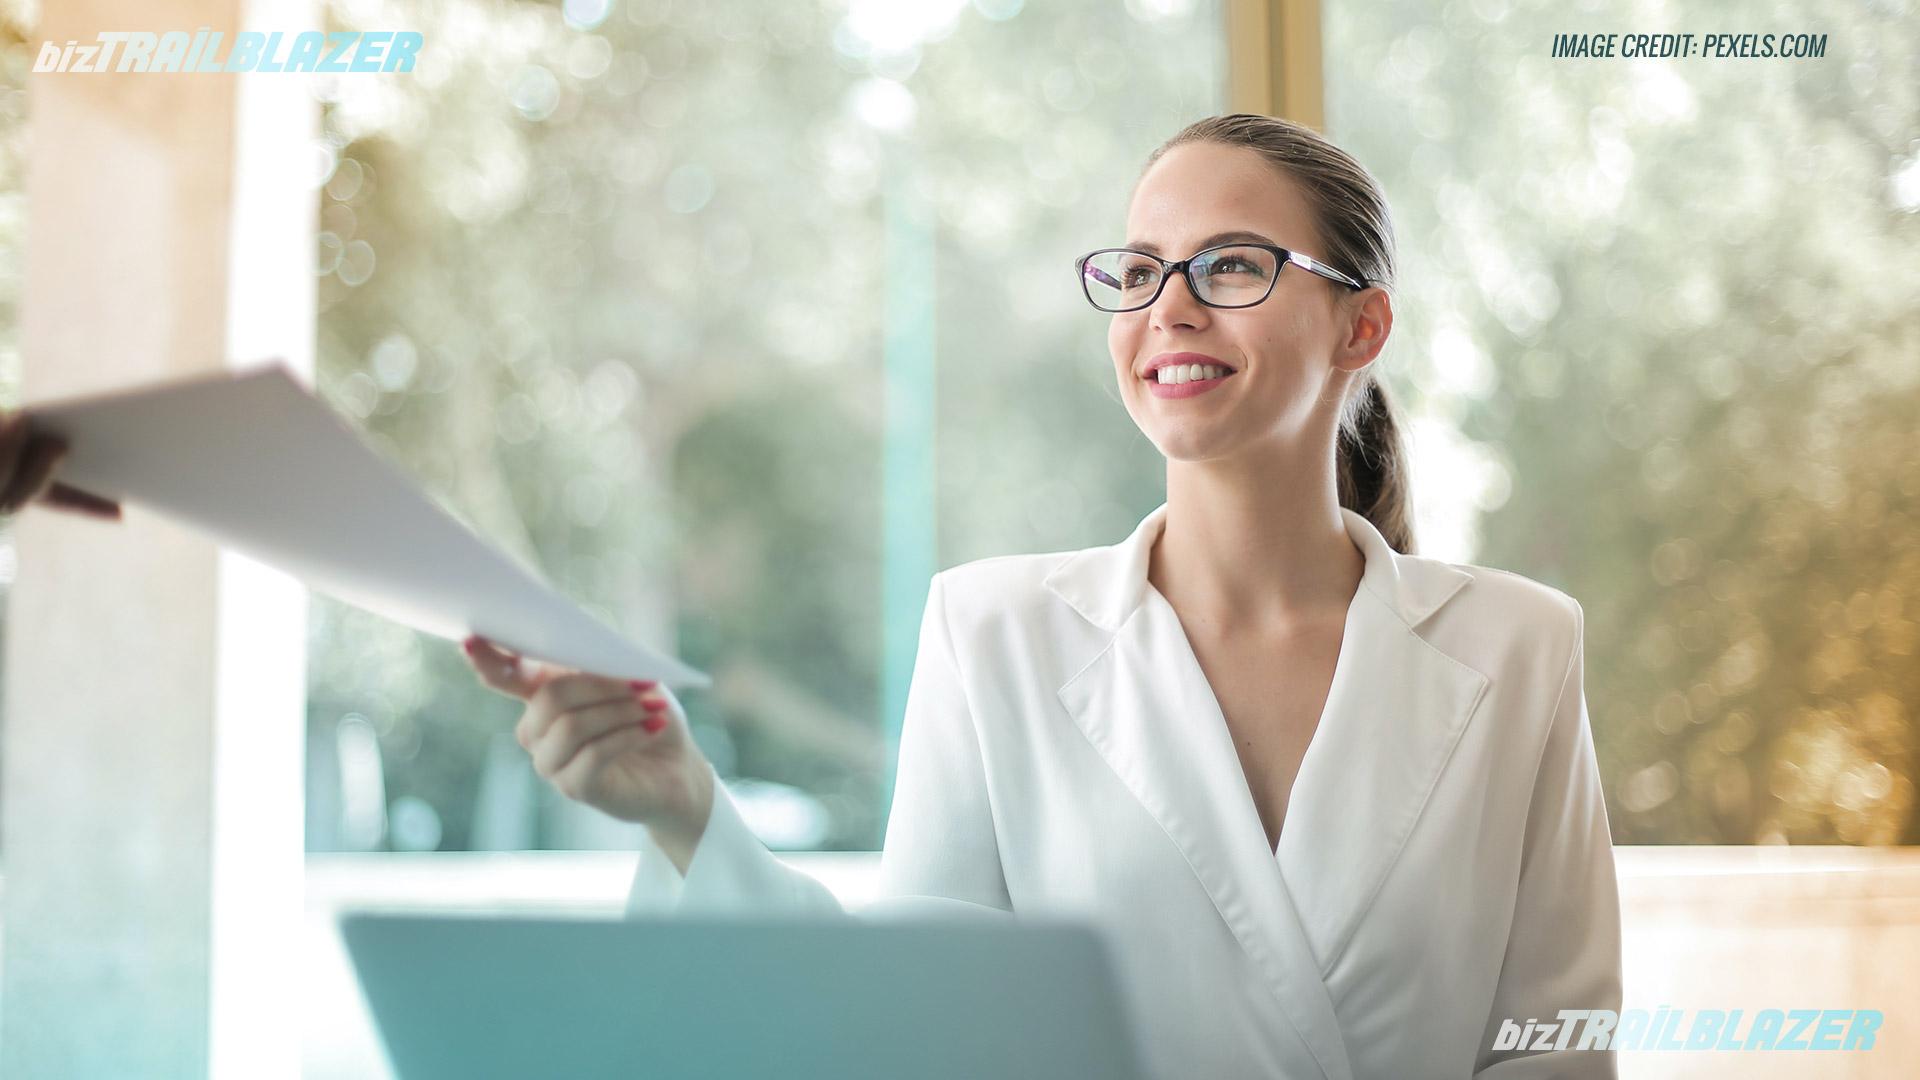 BizTrailBlazer-Blog-15-Best-HR-Management-Software-in-2021